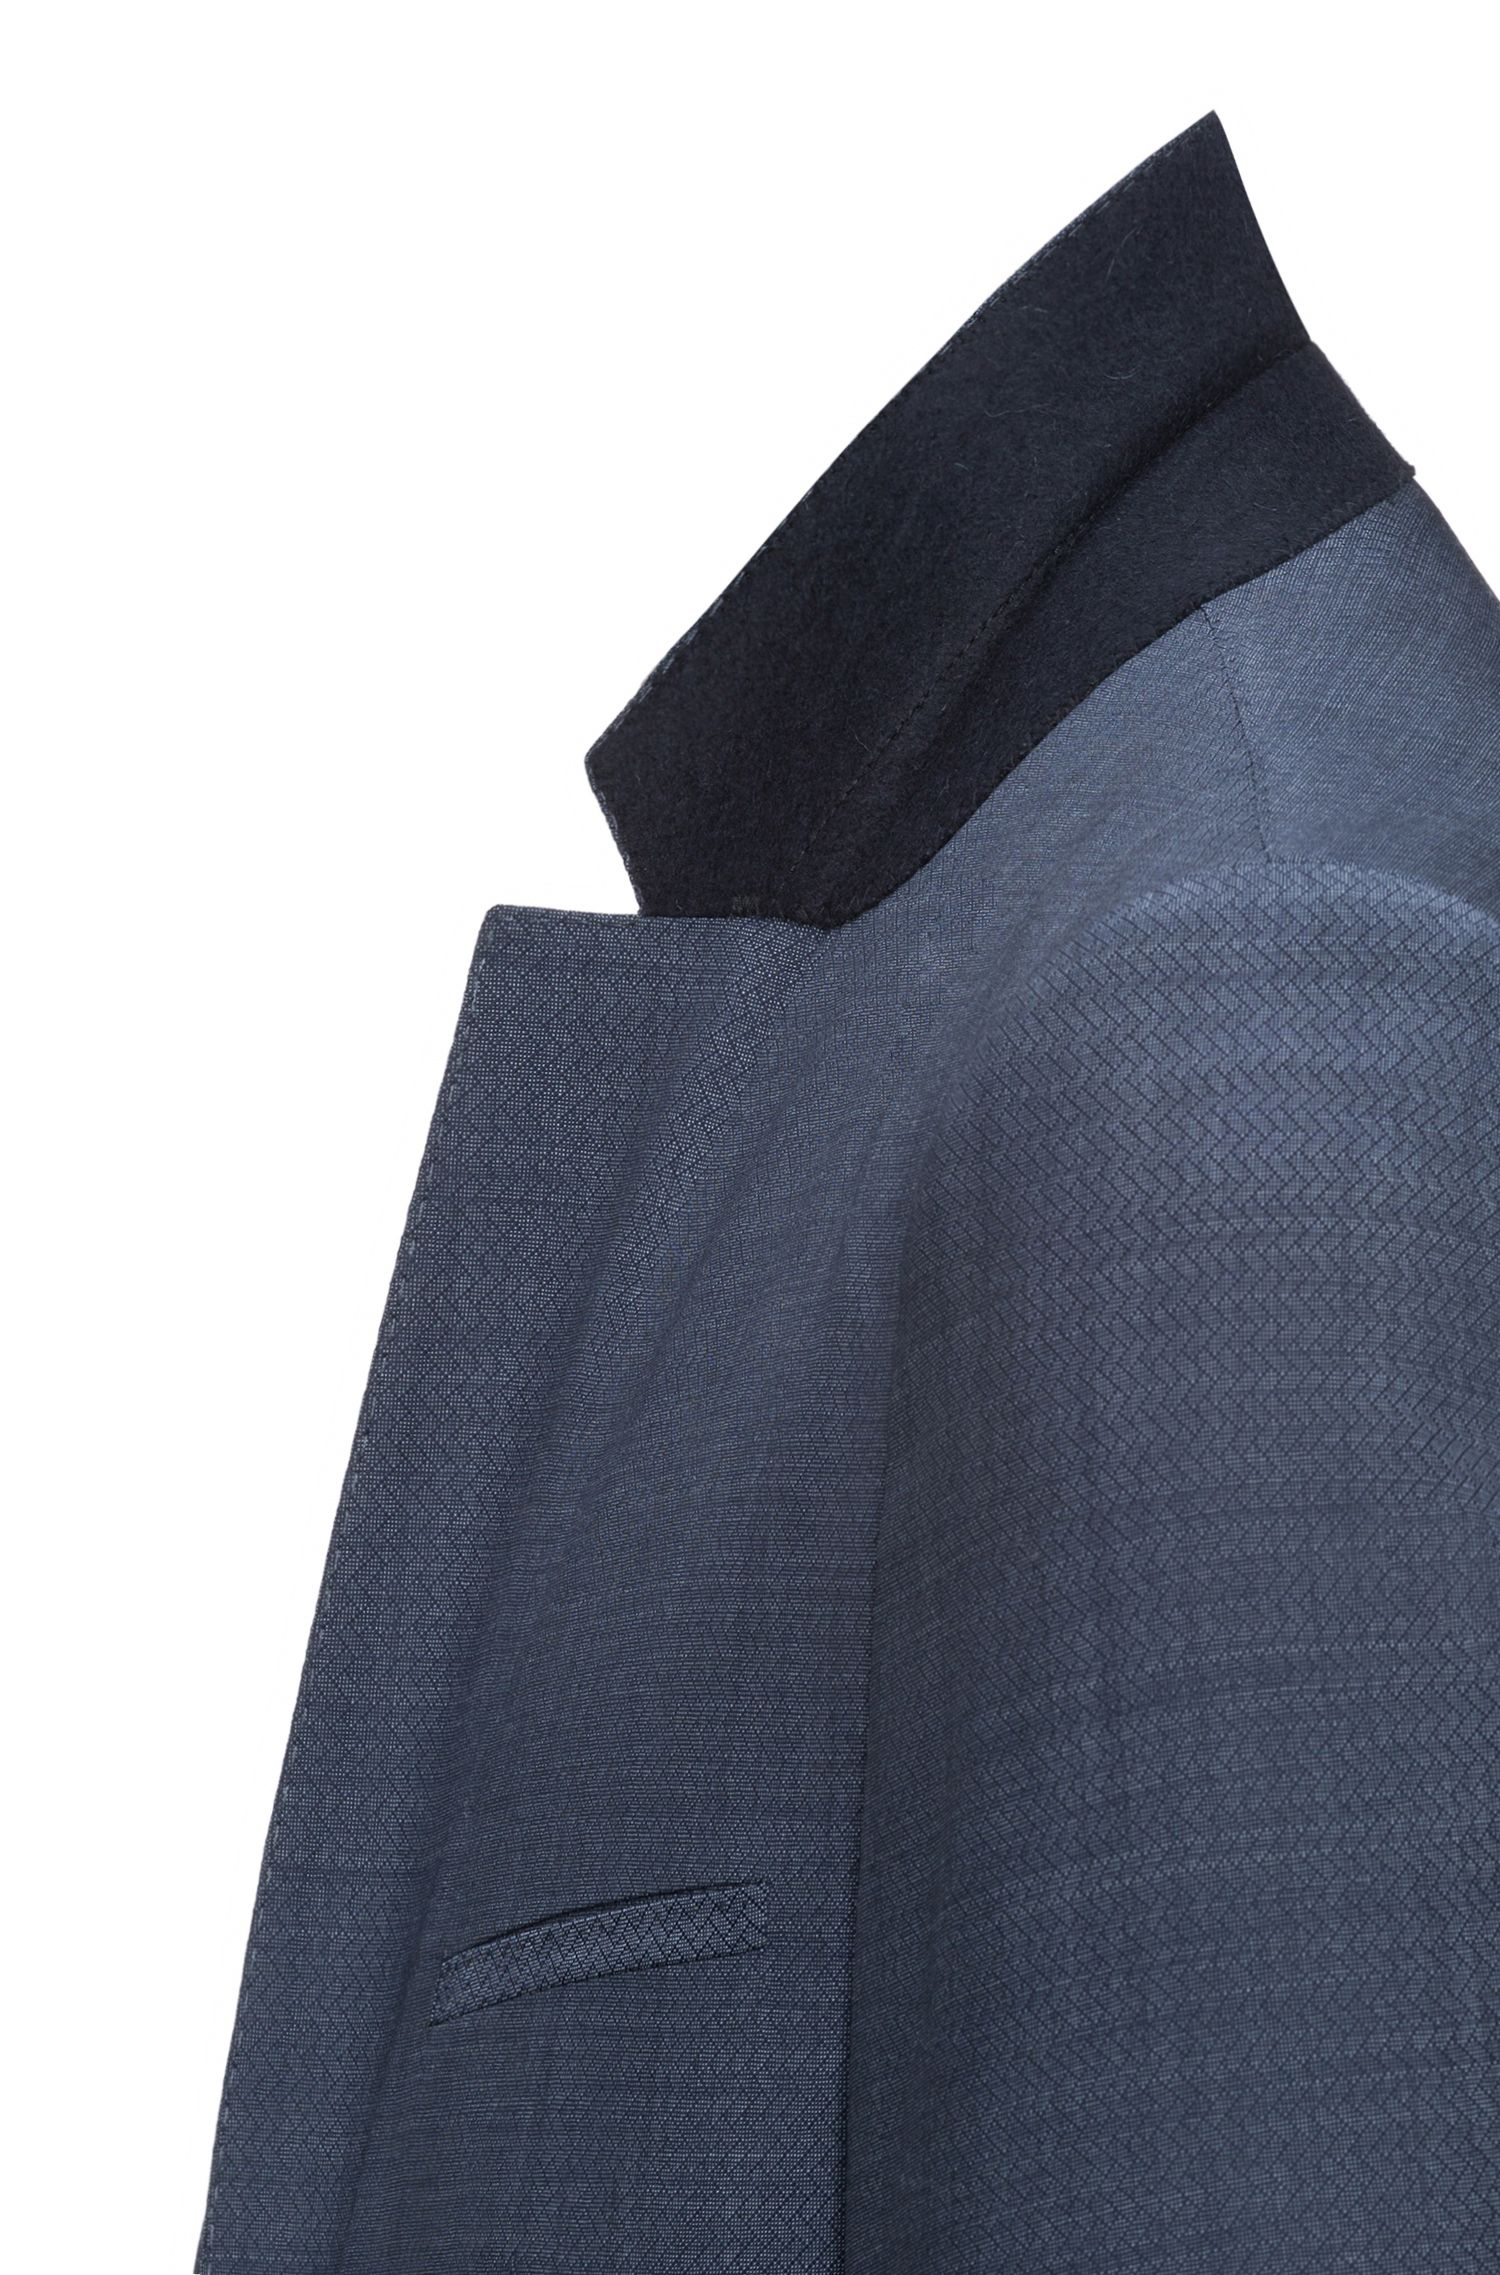 Traje extra slim fit en lana virgen con microestampado